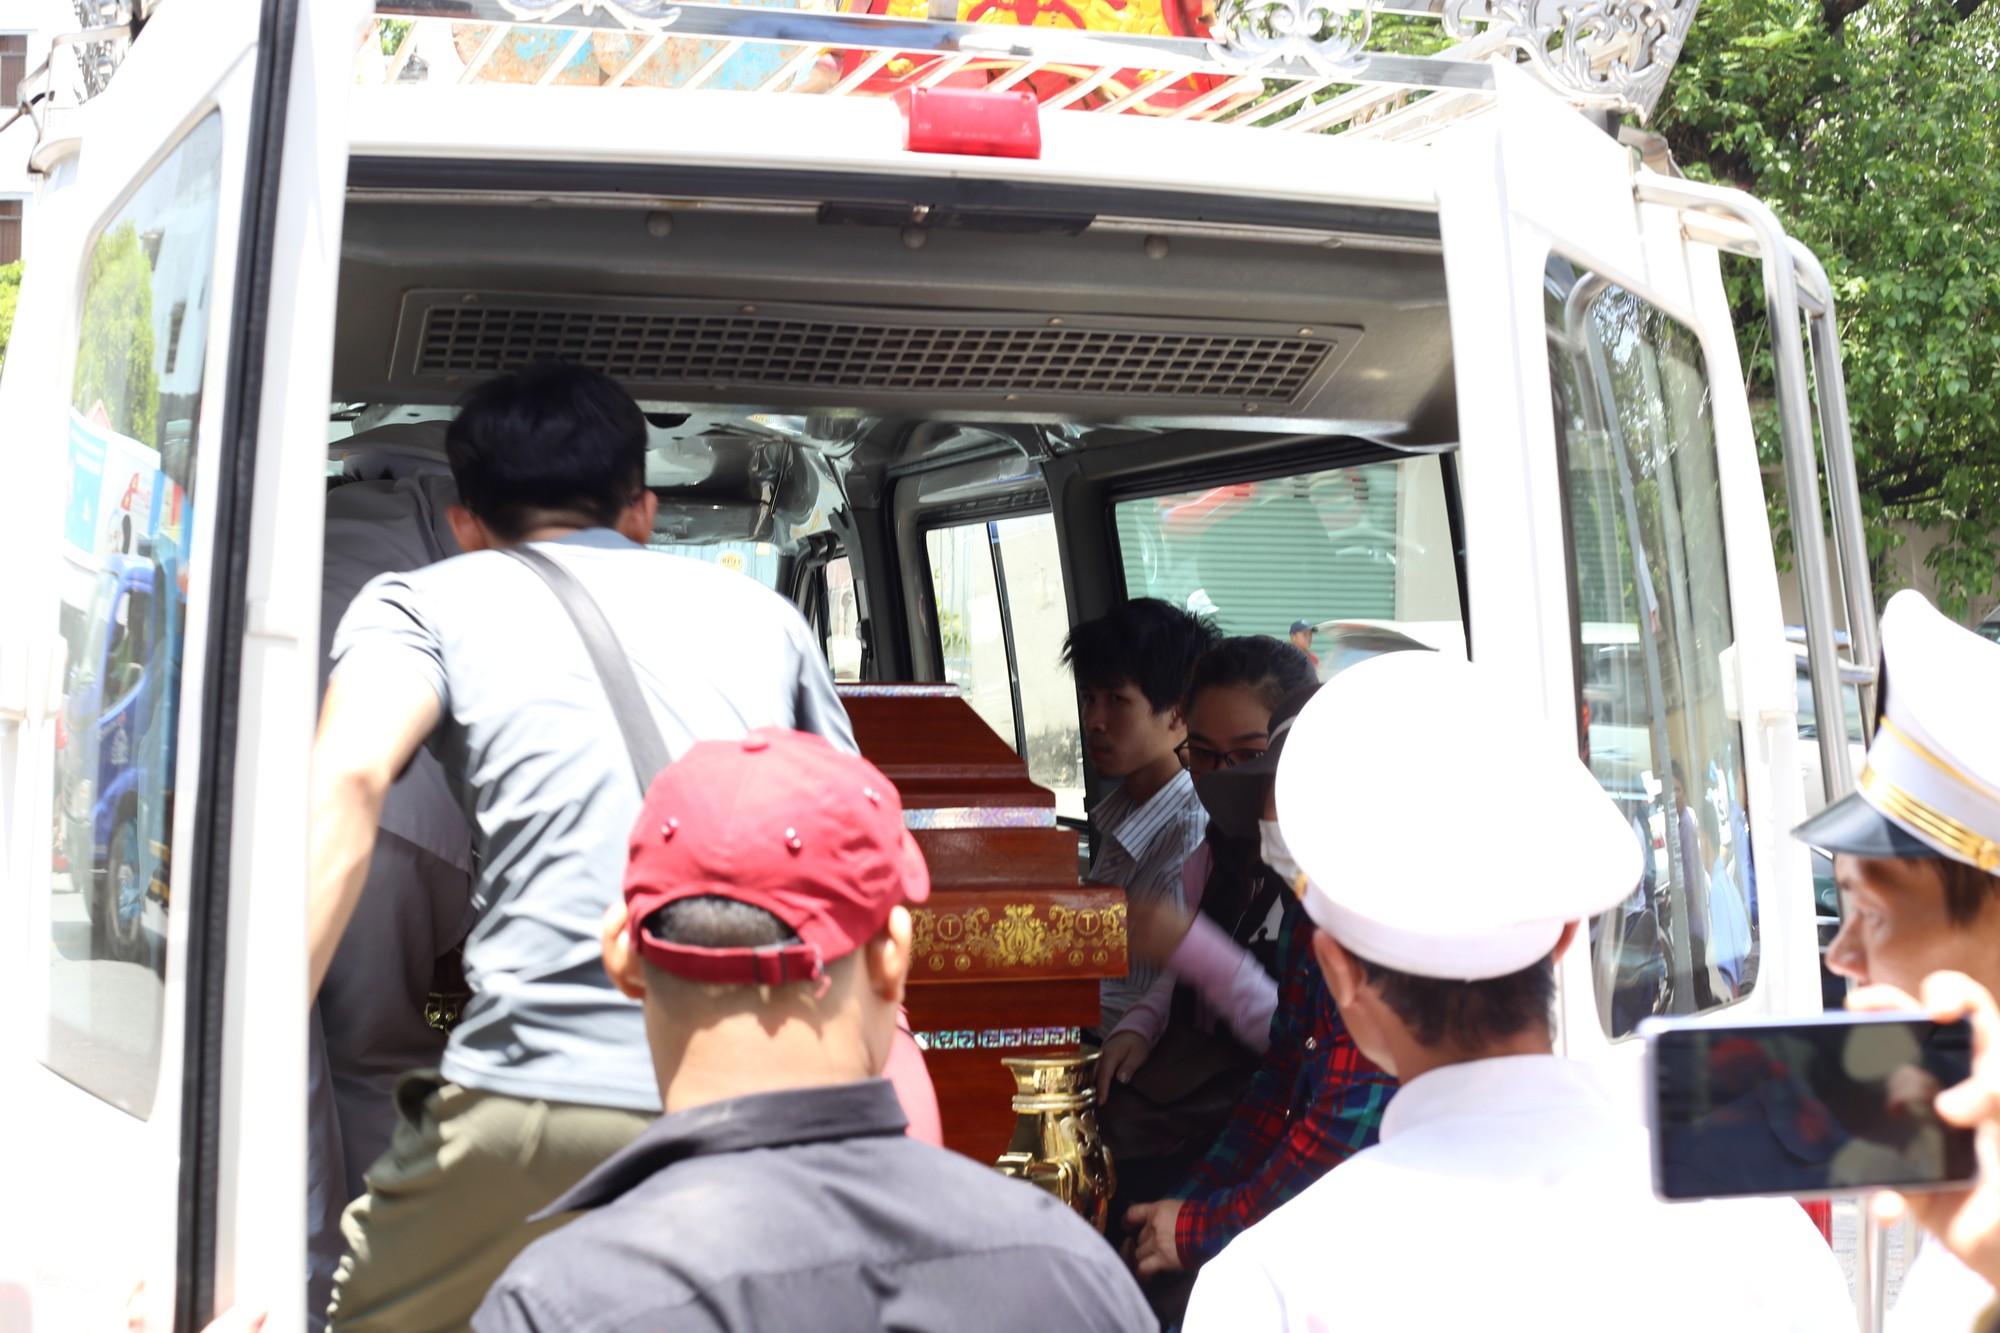 Vợ sắp cưới của hiệp sĩ Nguyễn Hoàng Nam khóc ngất bên linh cữu của chồng - Ảnh 12.